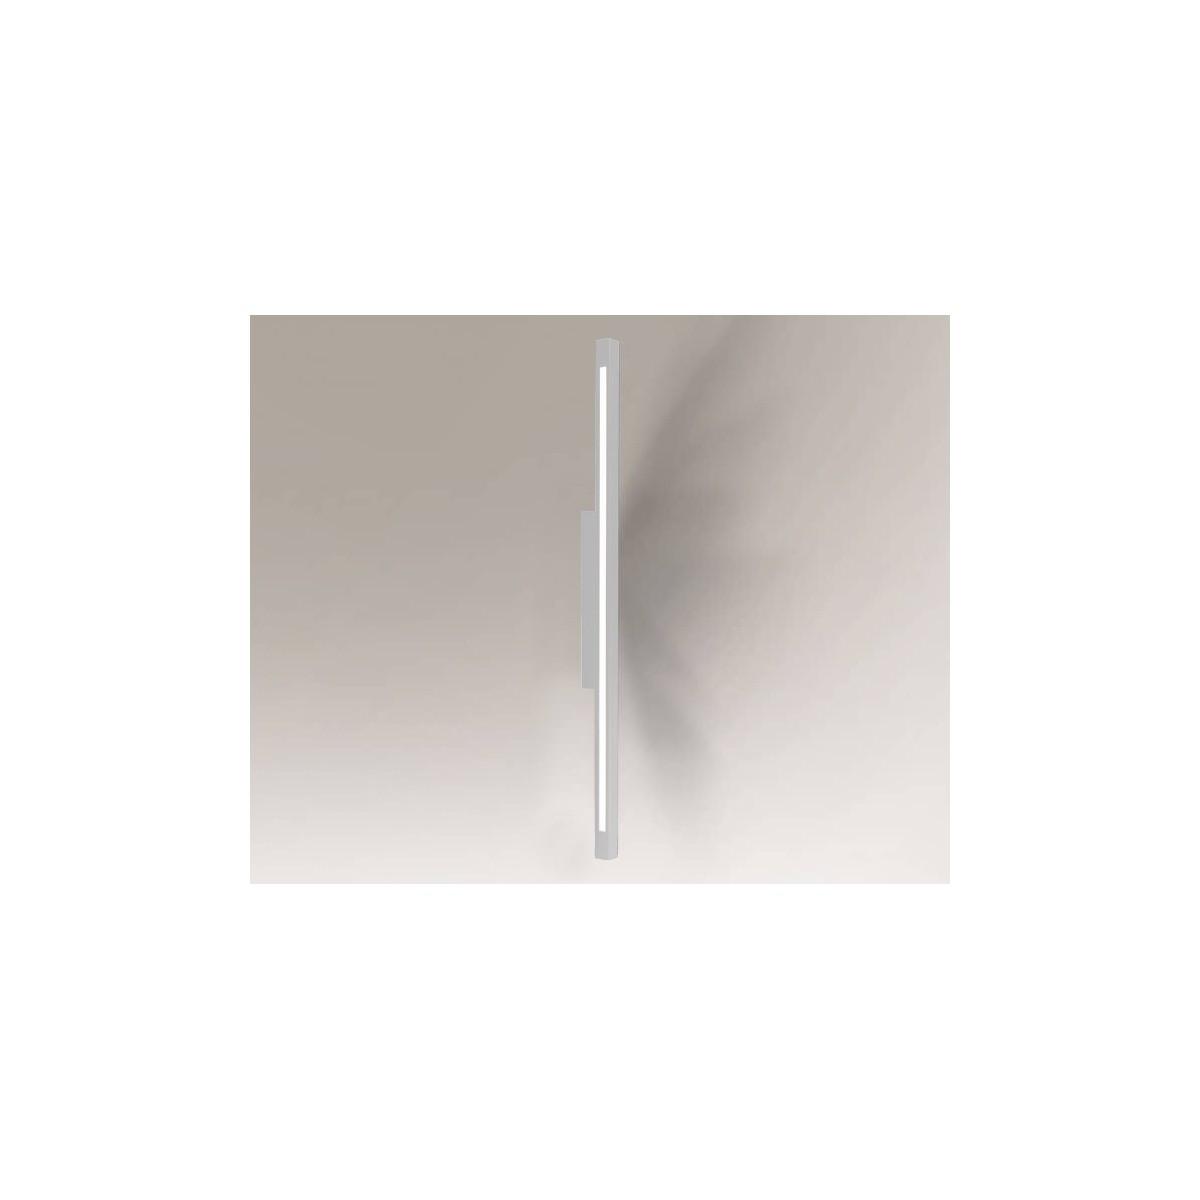 Shilo OTARU LED 2x14,4W 3240lm CRI90 biały kinkiet 7480